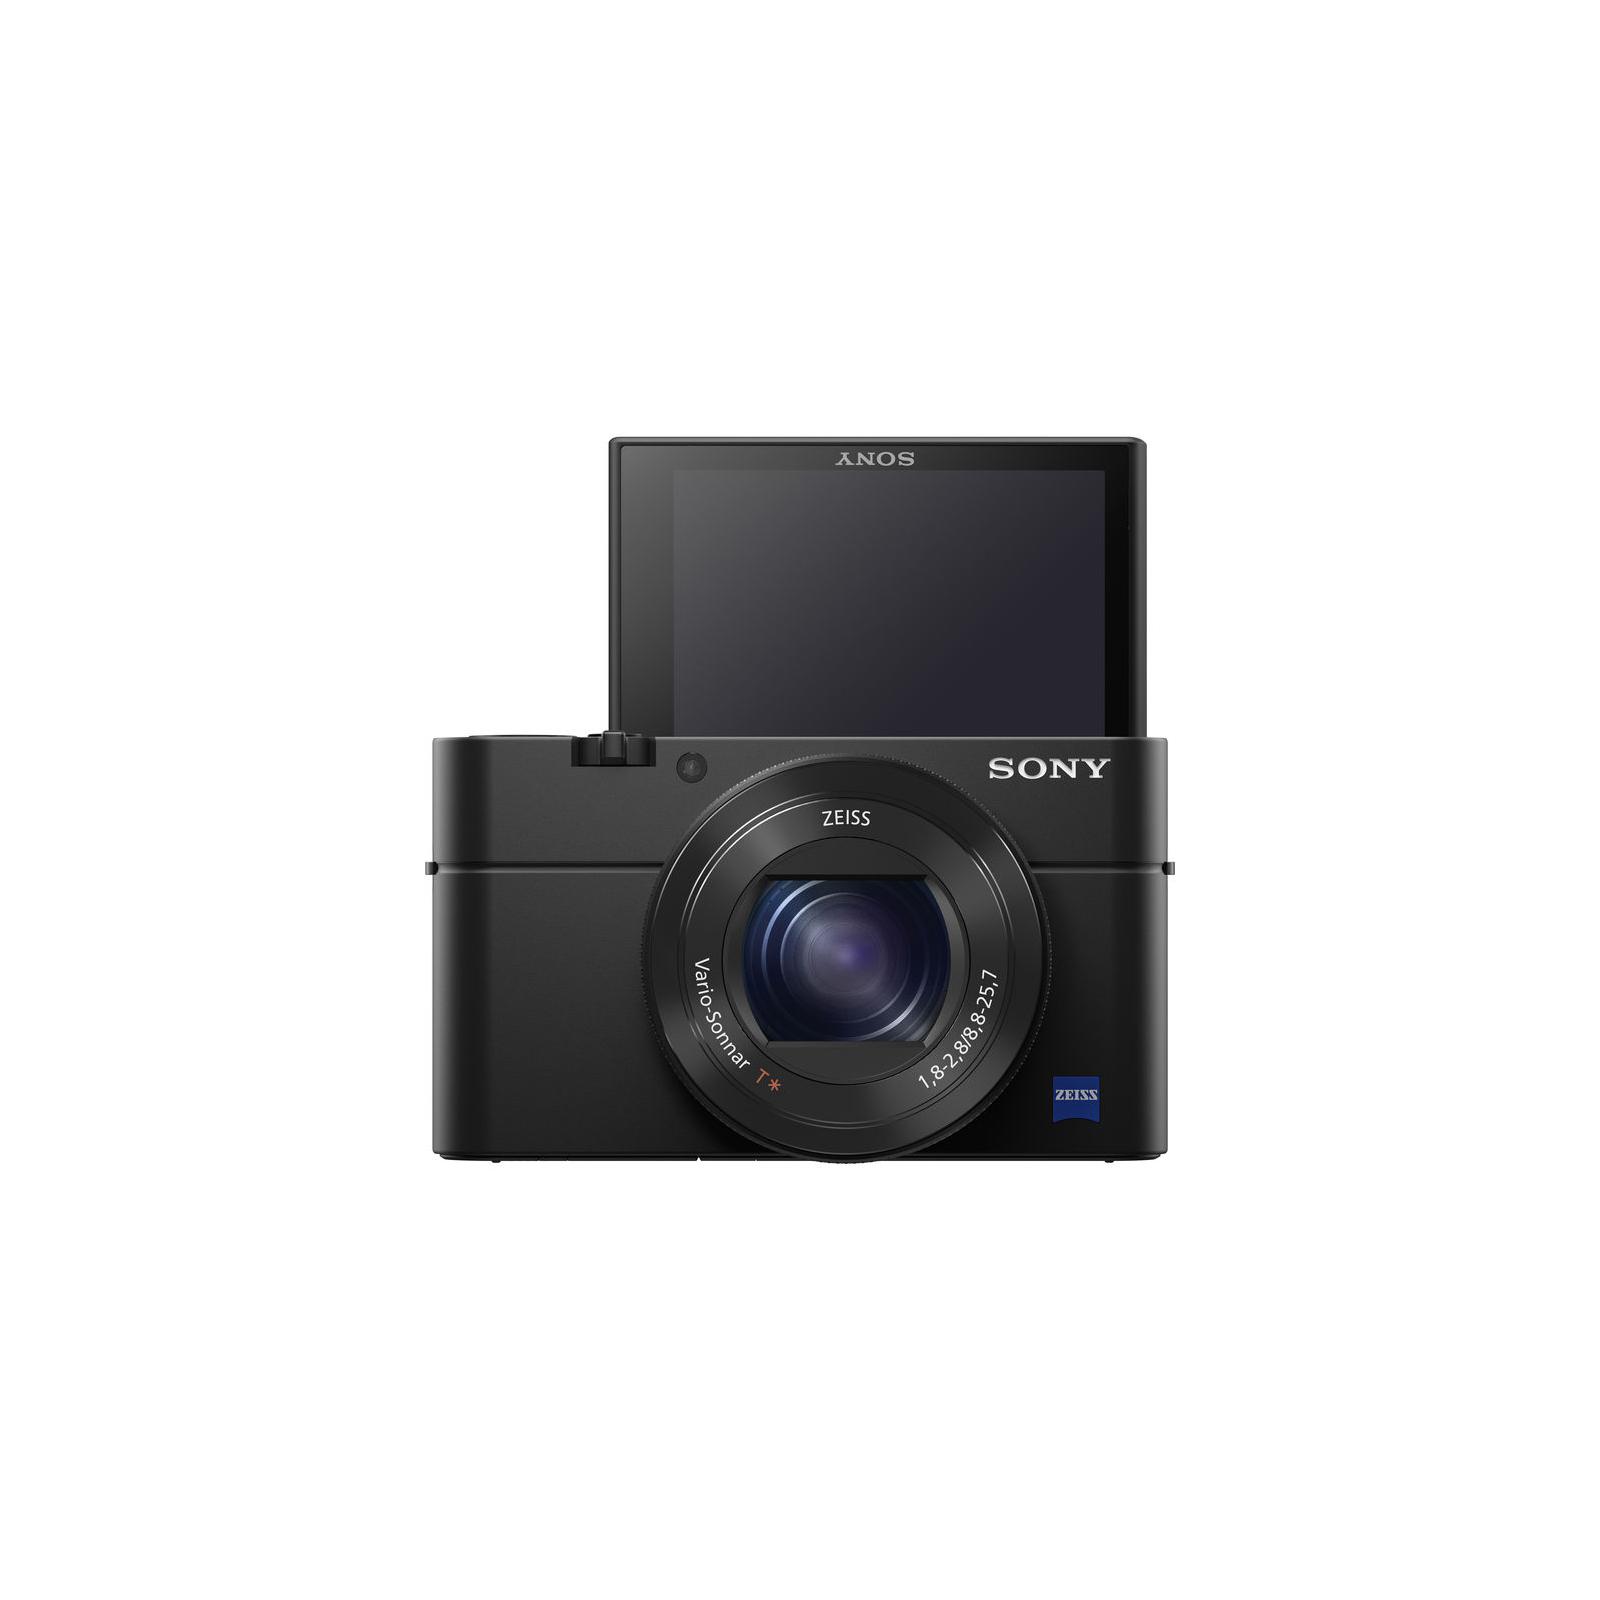 Цифровой фотоаппарат SONY Cyber-Shot RX100 MkIV (DSCRX100M4.RU3) изображение 8